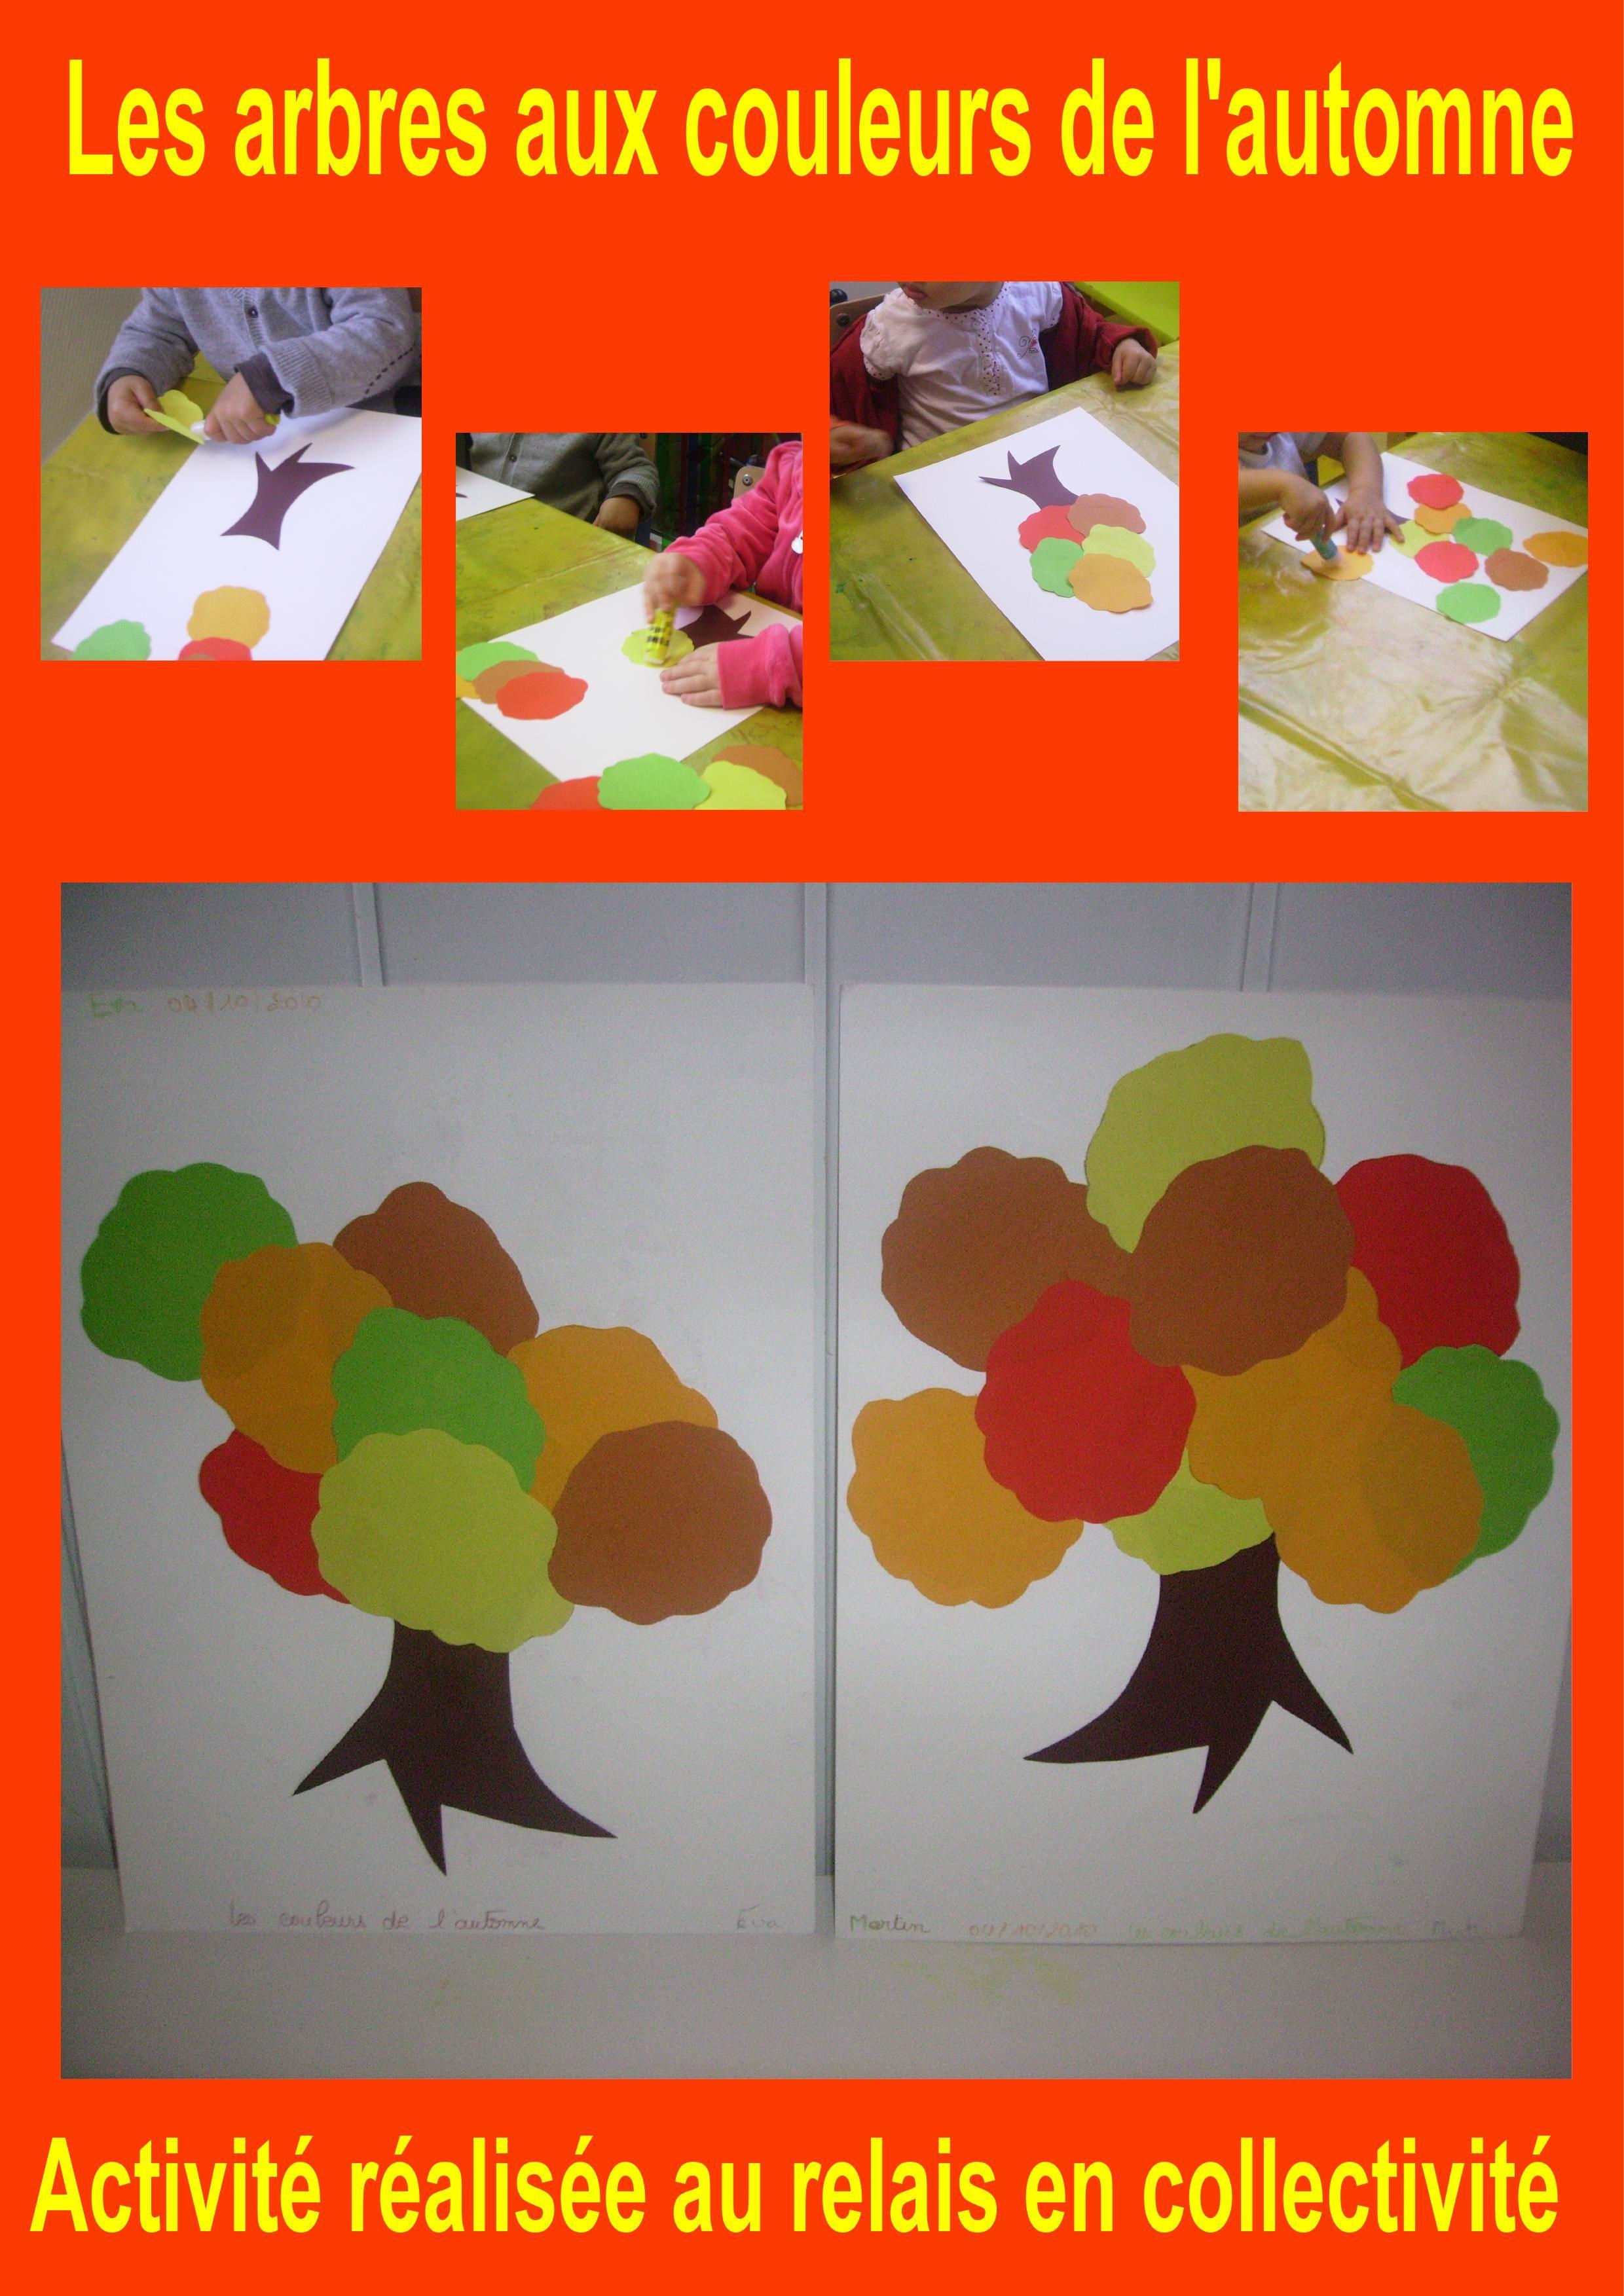 Des arbres aux couleurs automnales